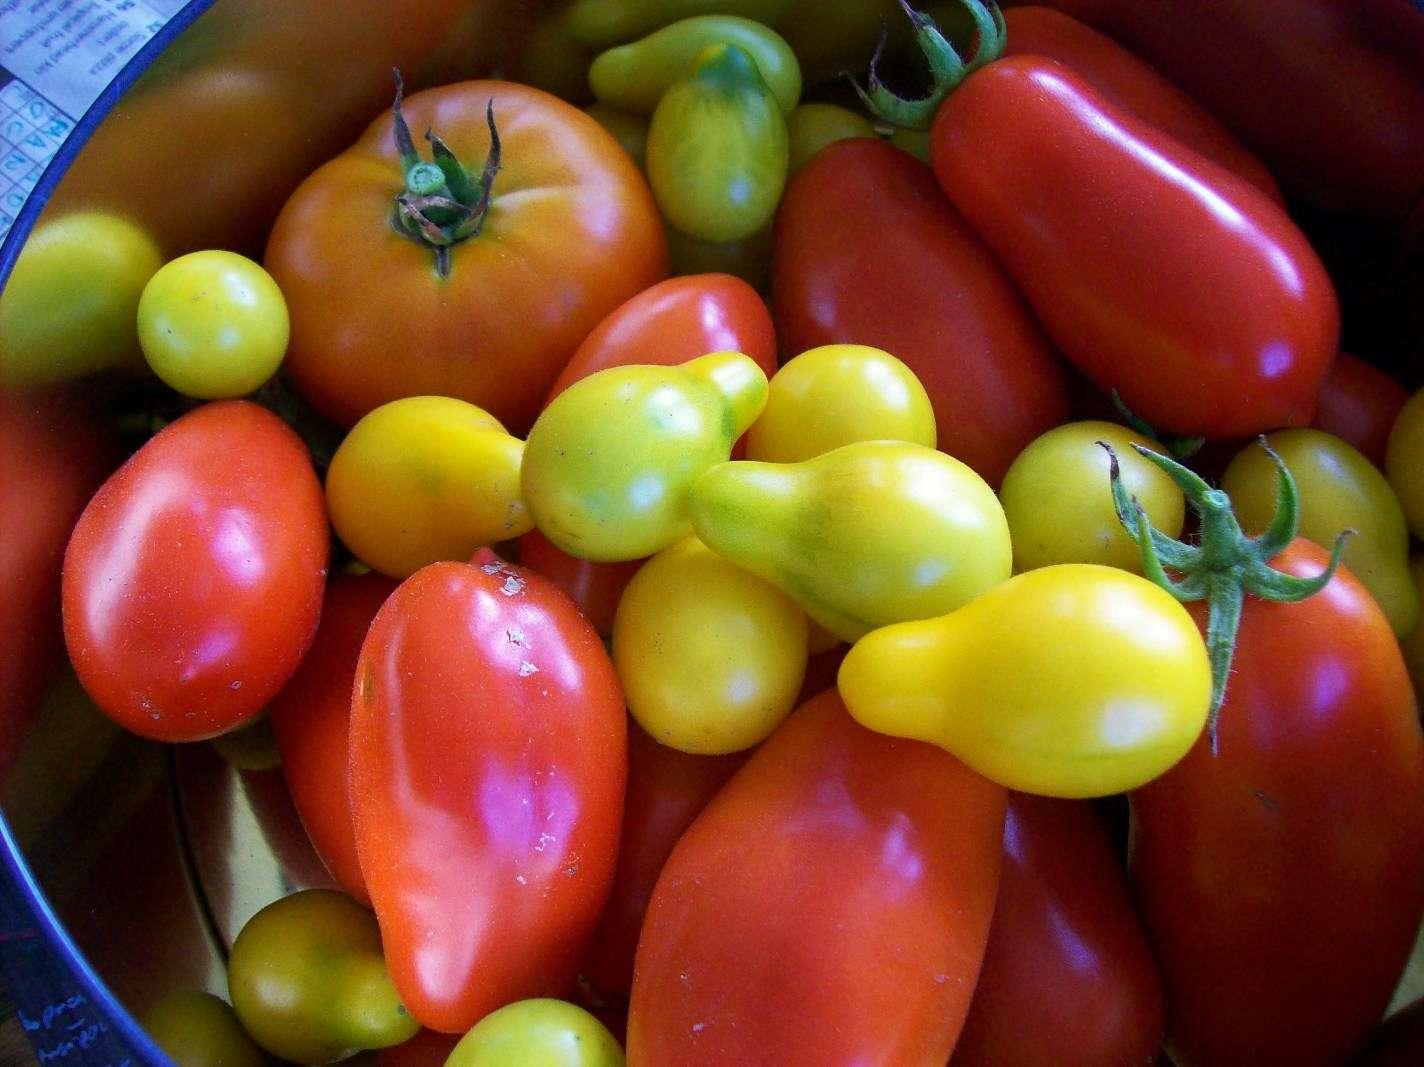 Une alimentation saine, à base de fruits et de légumes, semble l'un des secrets pour vivre plus longtemps, à défaut d'inverser le vieillissement. Une étude parue en début d'année dans la revue Plos One montre que des souris nourries à base d'un régime moins calorique voyaient leurs télomères s'allonger... et mouraient plus tard que les autres. © Jazzijava, Fotopédia, cc by nc nd 2.0